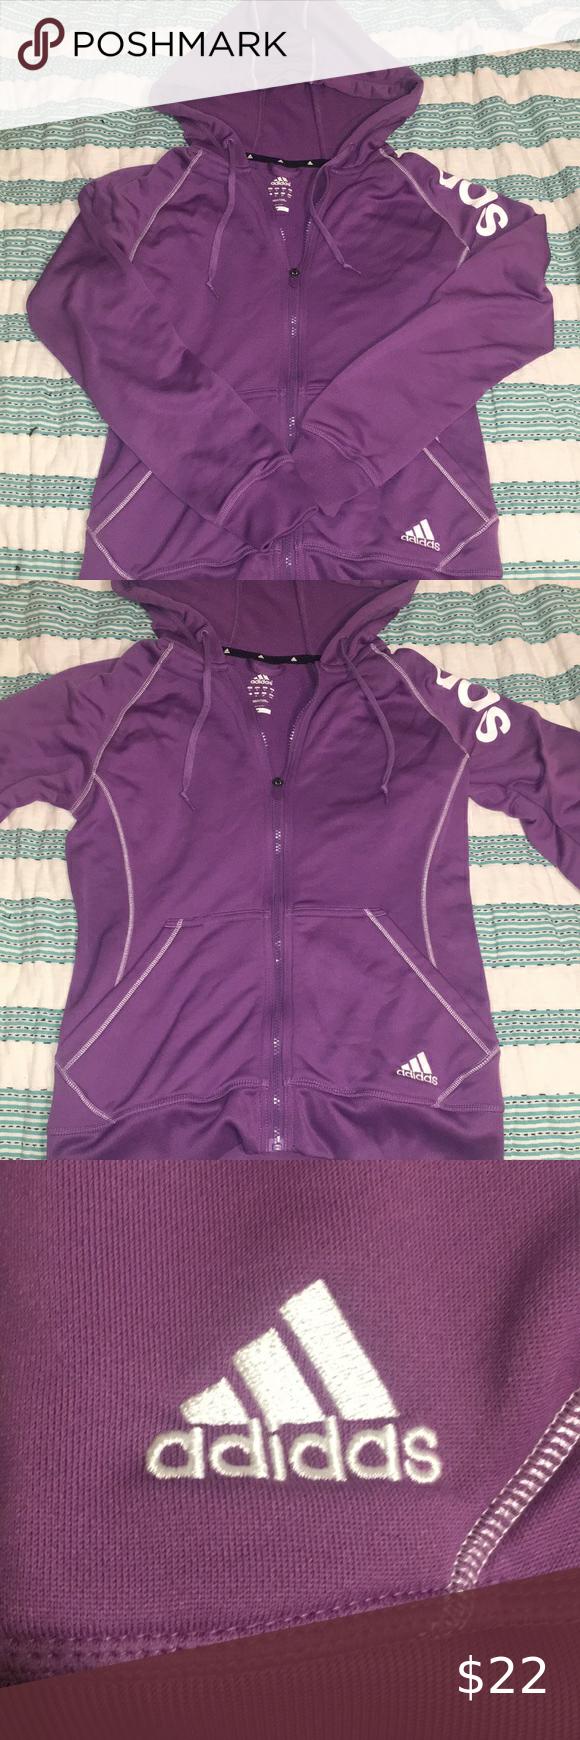 Adidas Climalite Zip Up Hoodie Jacket Purple Adidas Climalite Zip Up Hoodie Jacket Brand Adidas Colors Purple White Hoodie Jacket Jacket Brands Hoodies [ 1740 x 580 Pixel ]